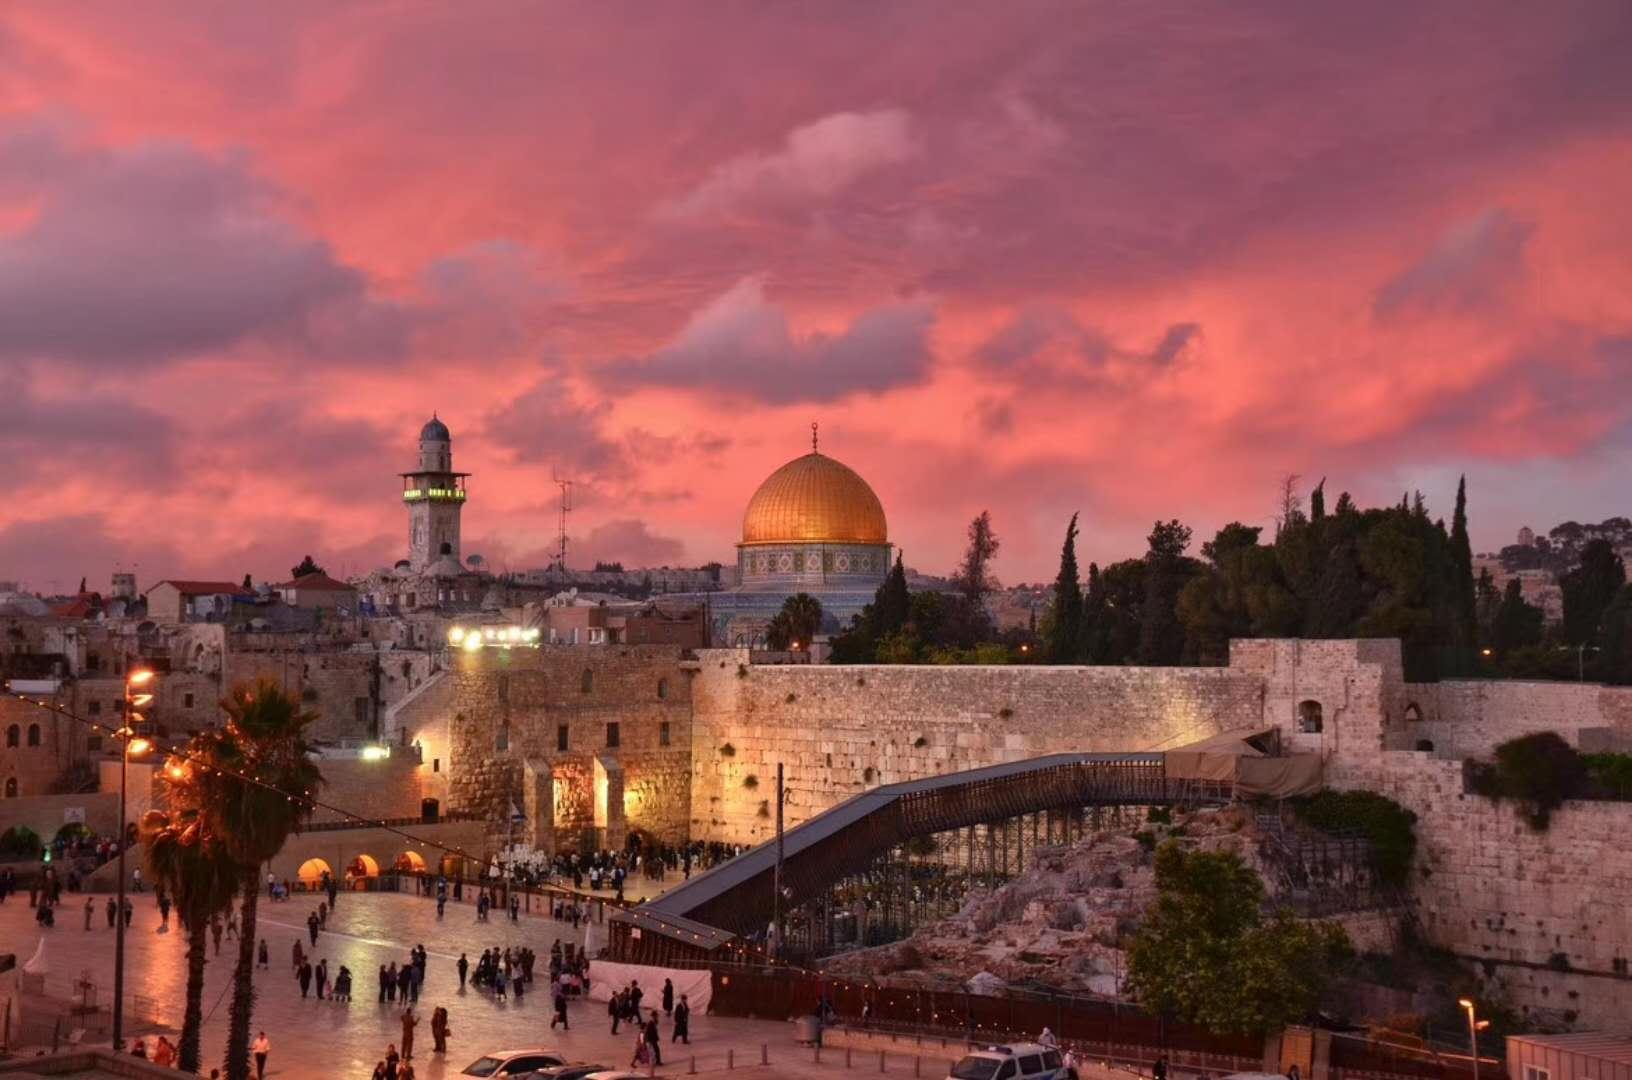 以色列耶路撒冷区 海法区 伯利恒省 约旦安曼省 佩特拉 死海 瓦迪拉姆